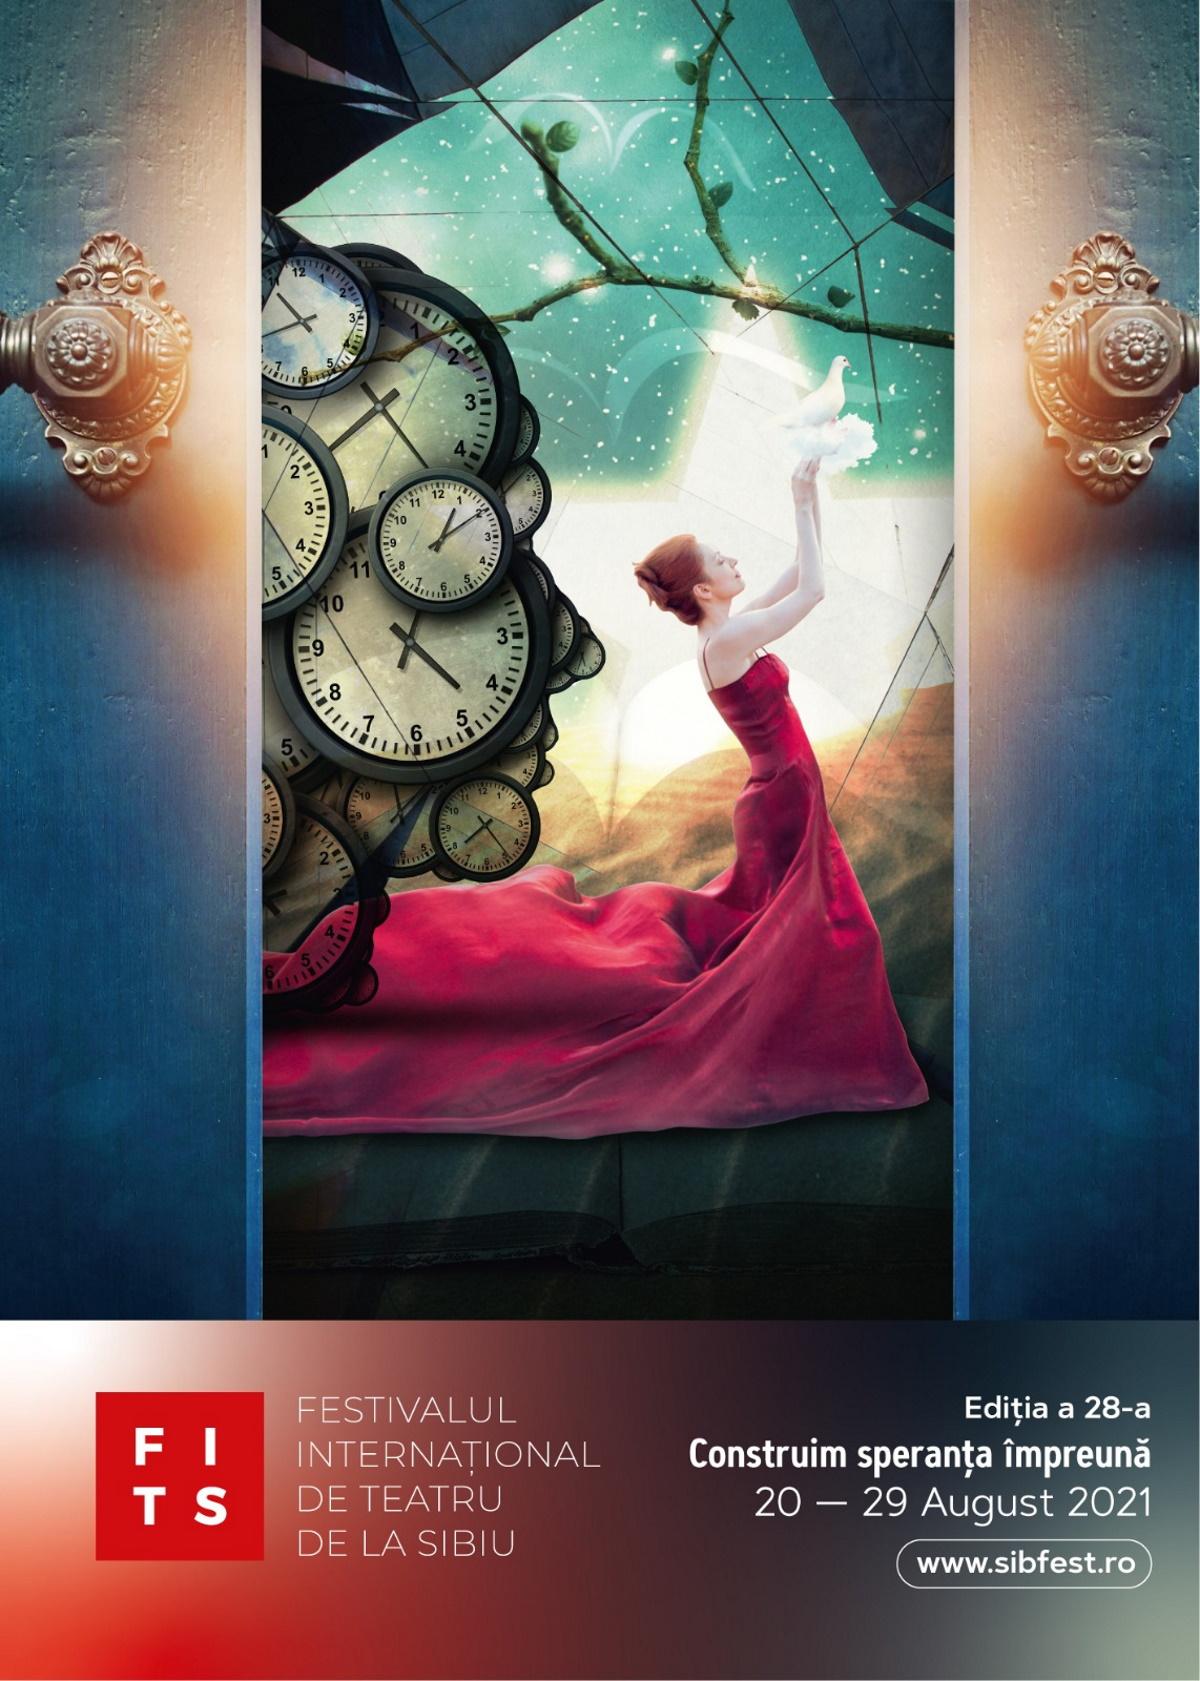 Festivalul Internațional de Teatru de la Sibiu. Cea mai complexă ediție desfășurată până în prezent